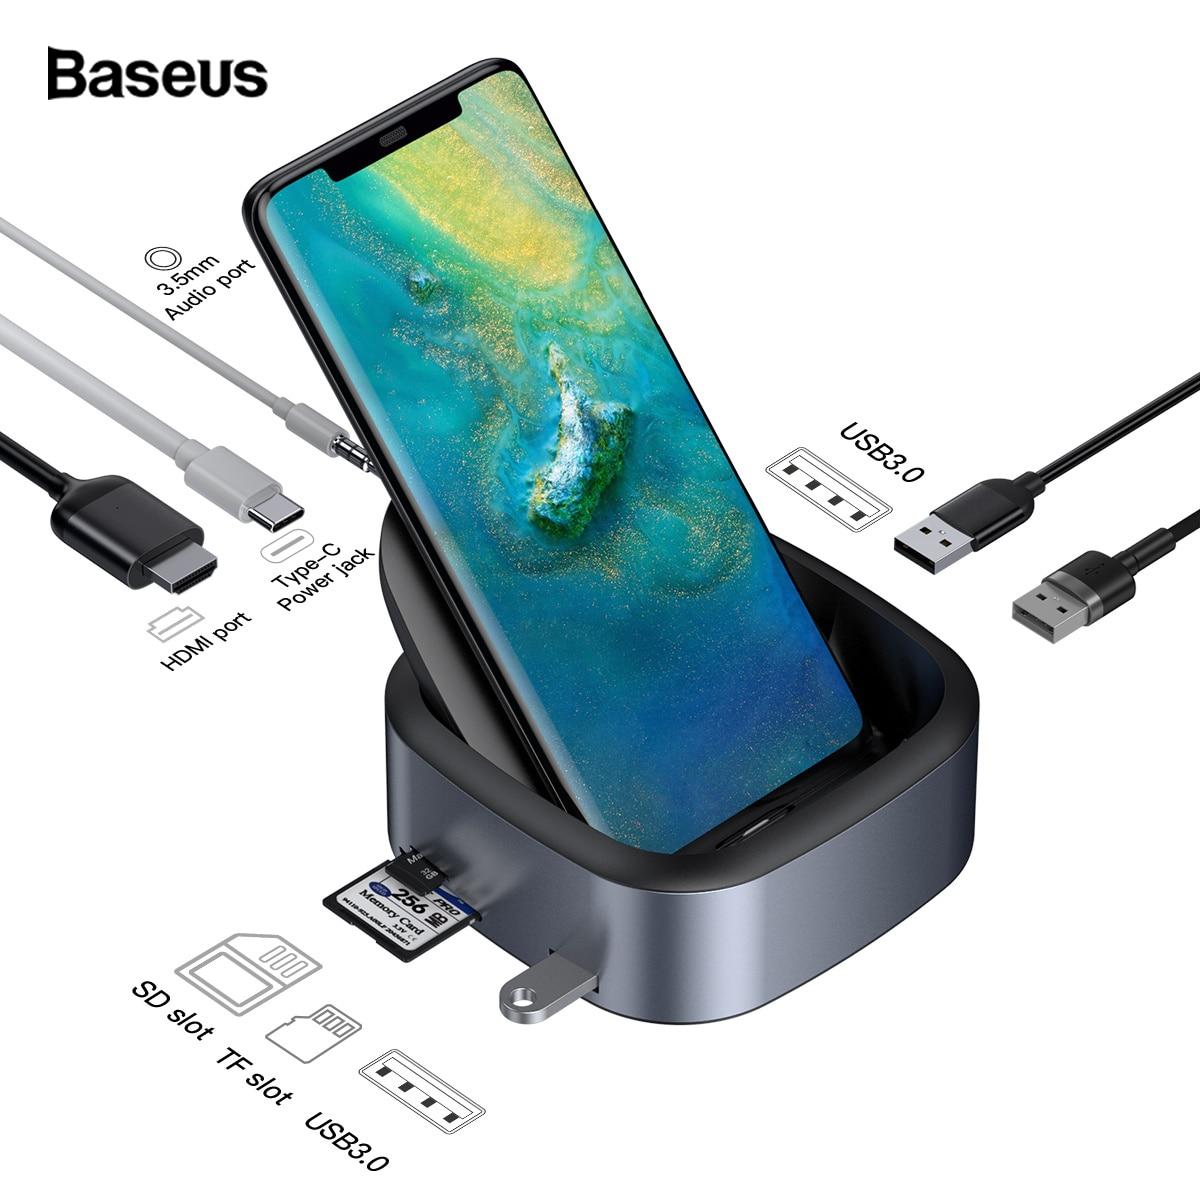 ฮับ USB Baseus C Docking Station สำหรับ Huawei P30 P20 Pro Samsung S10 S9 Dex Pad ประเภท C ถึง USB3.0 HDMI แจ็ค 3.5mm PD Charger Dock-ใน null จาก โทรศัพท์มือถือและการสื่อสารระยะไกล บน AliExpress - 11.11_สิบเอ็ด สิบเอ็ดวันคนโสด 1